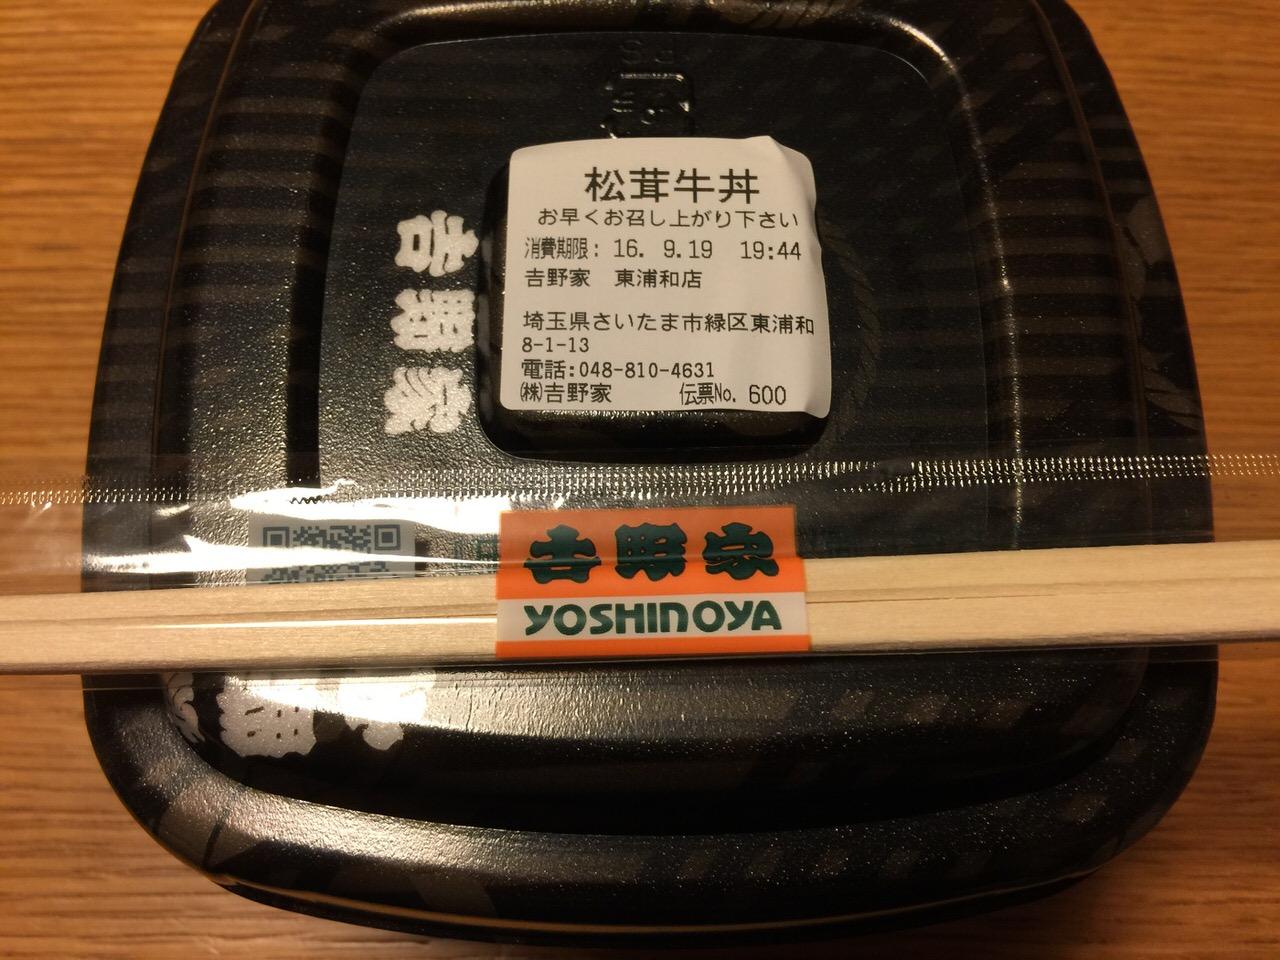 Yoshinoya 8611